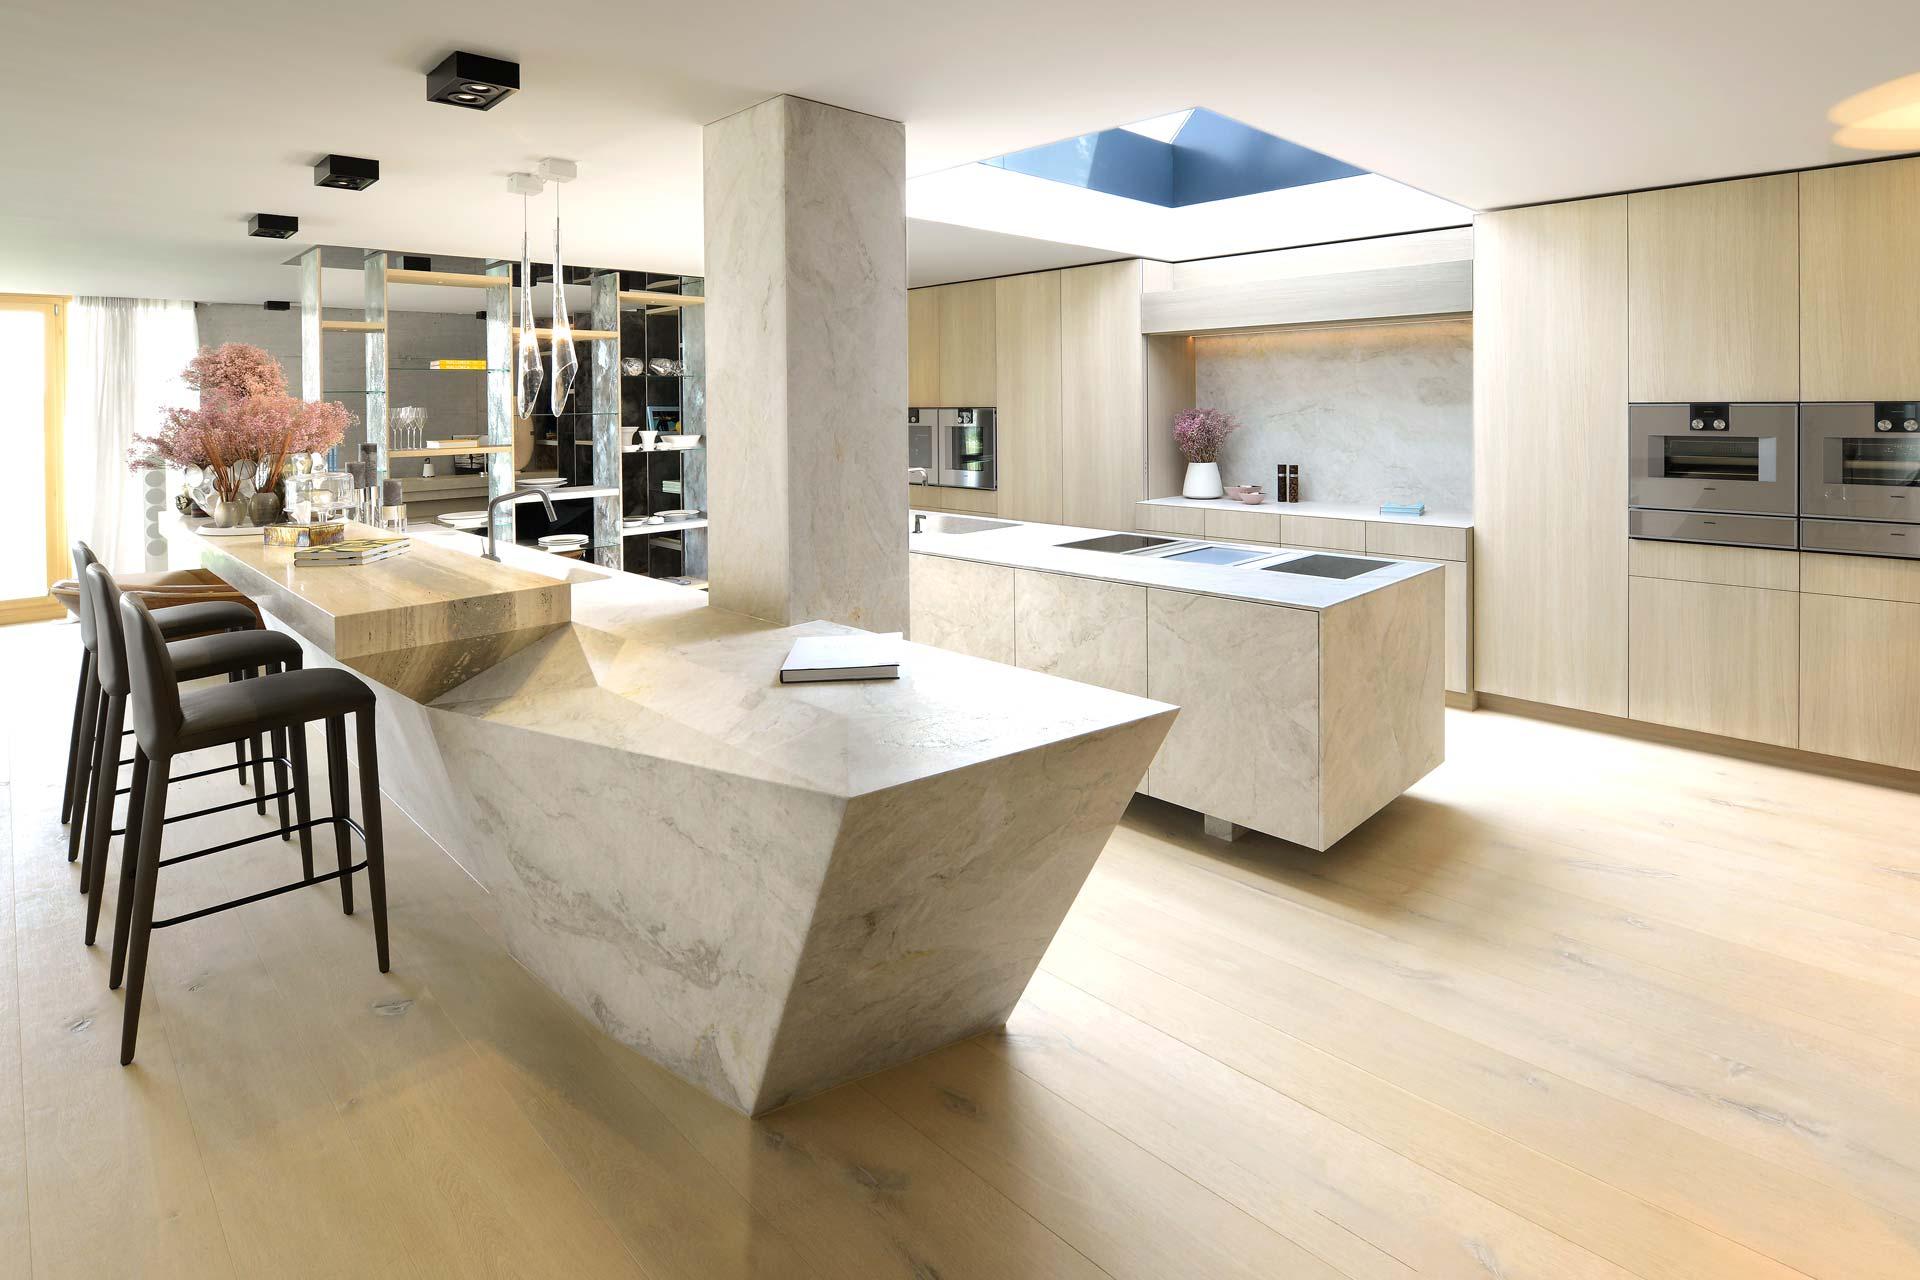 Naturstein Küche mit Kücheninsel aus weißem Stein